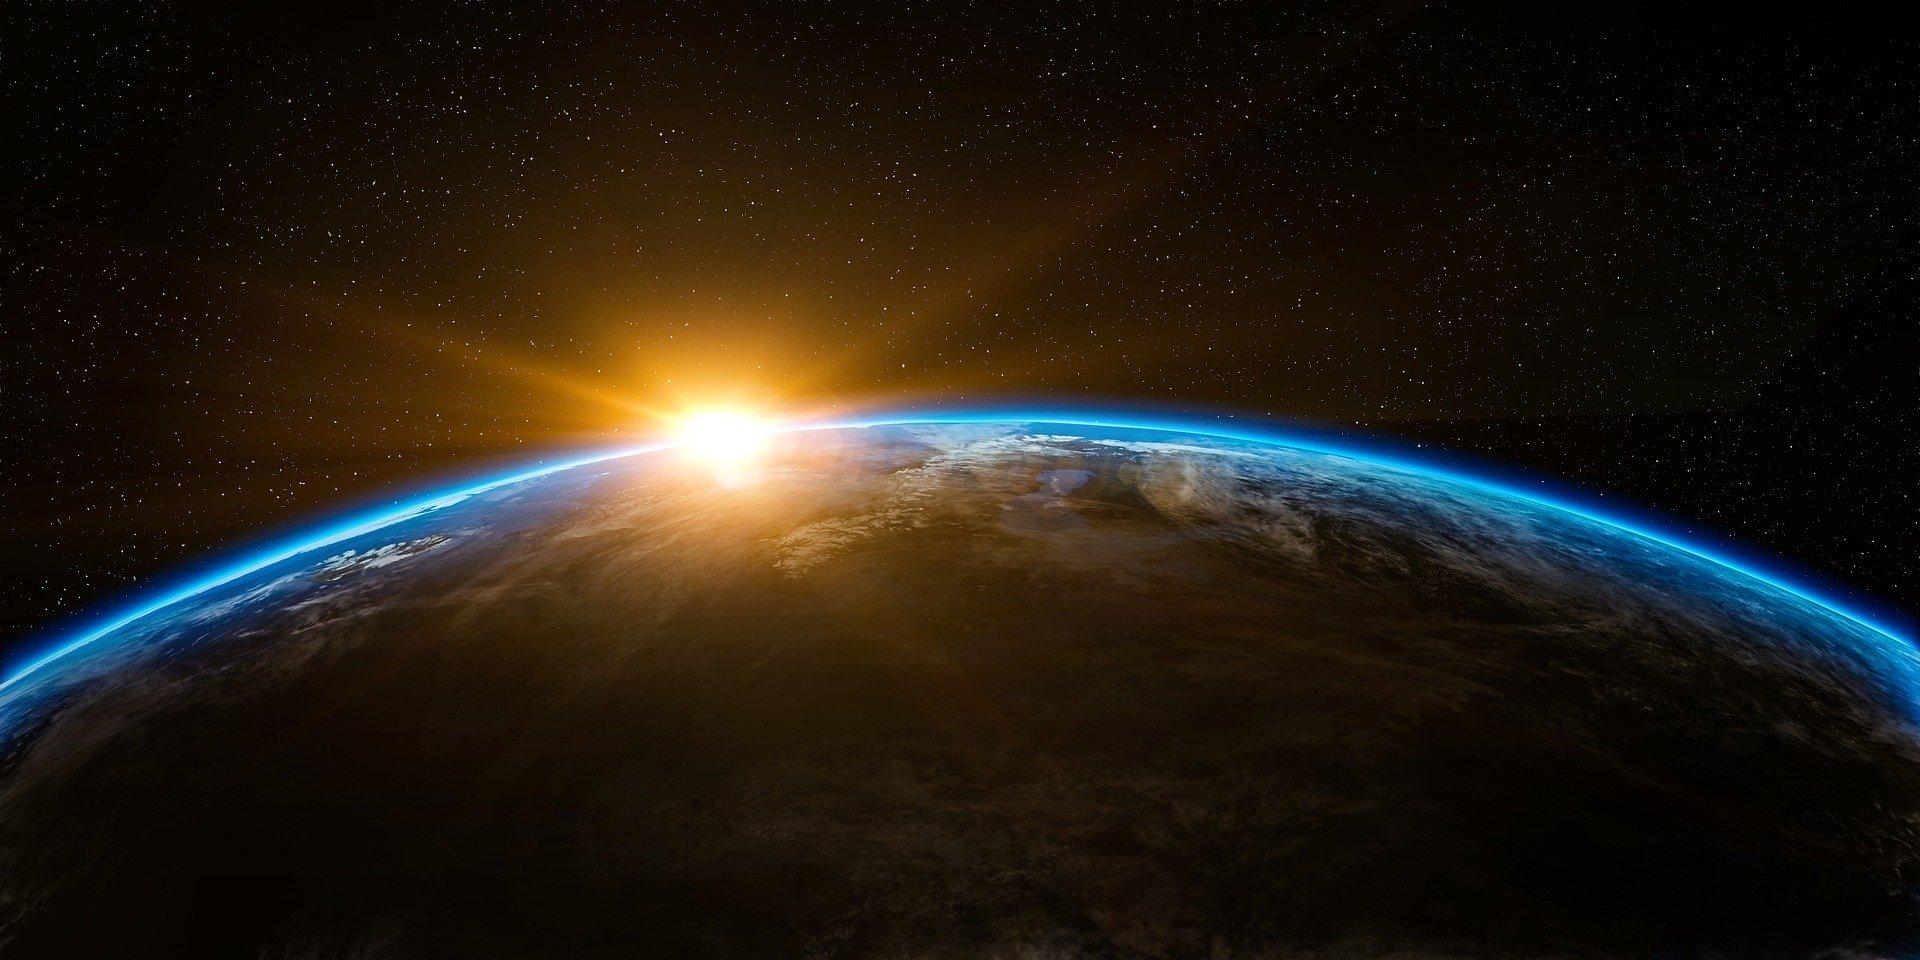 Il 5 aprile di un anno fa la prima Giornata Internazionale delle Coscienze, cosa abbiamo imparato?